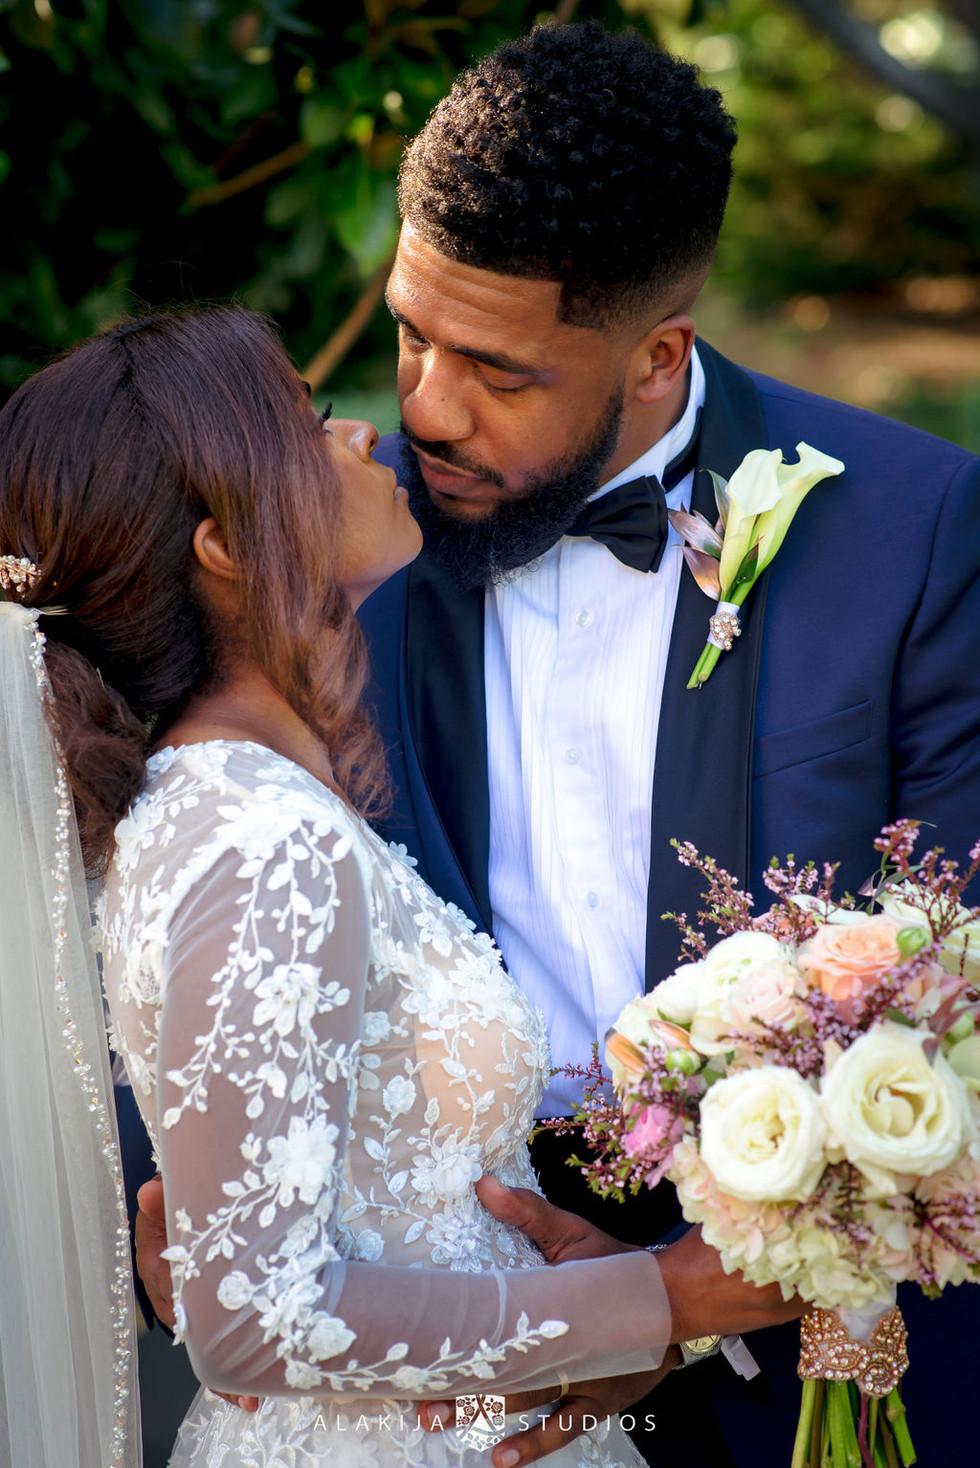 9-21-19-4-40-54PM-Wedding-JideAlakija-Fo